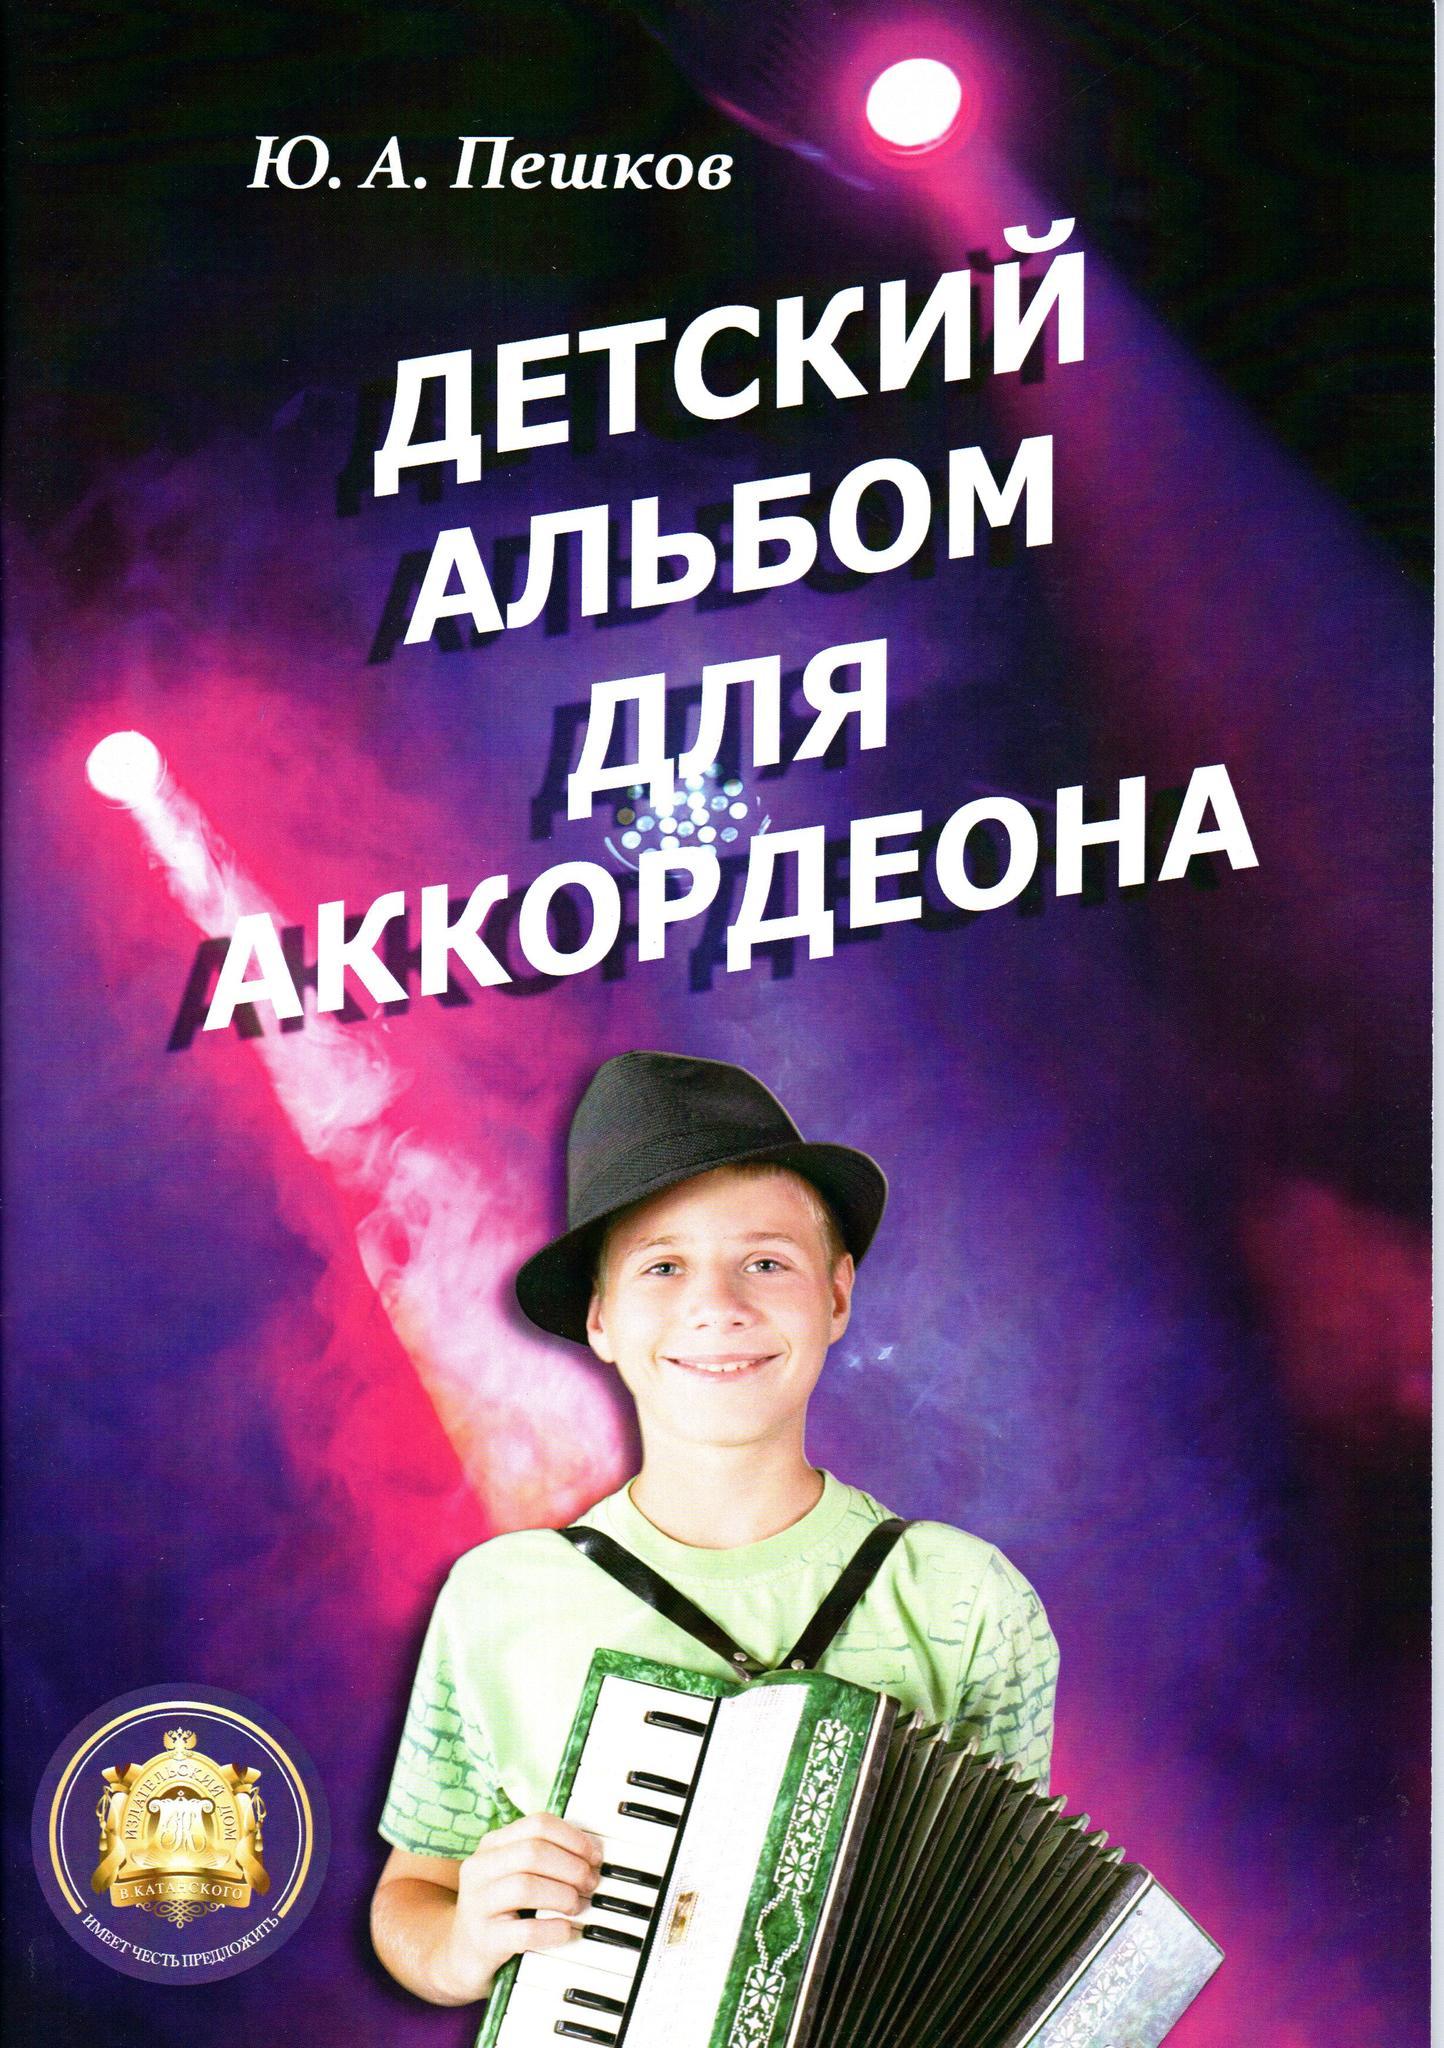 Ю. А. Пешков. Детский альбом для аккордеона.